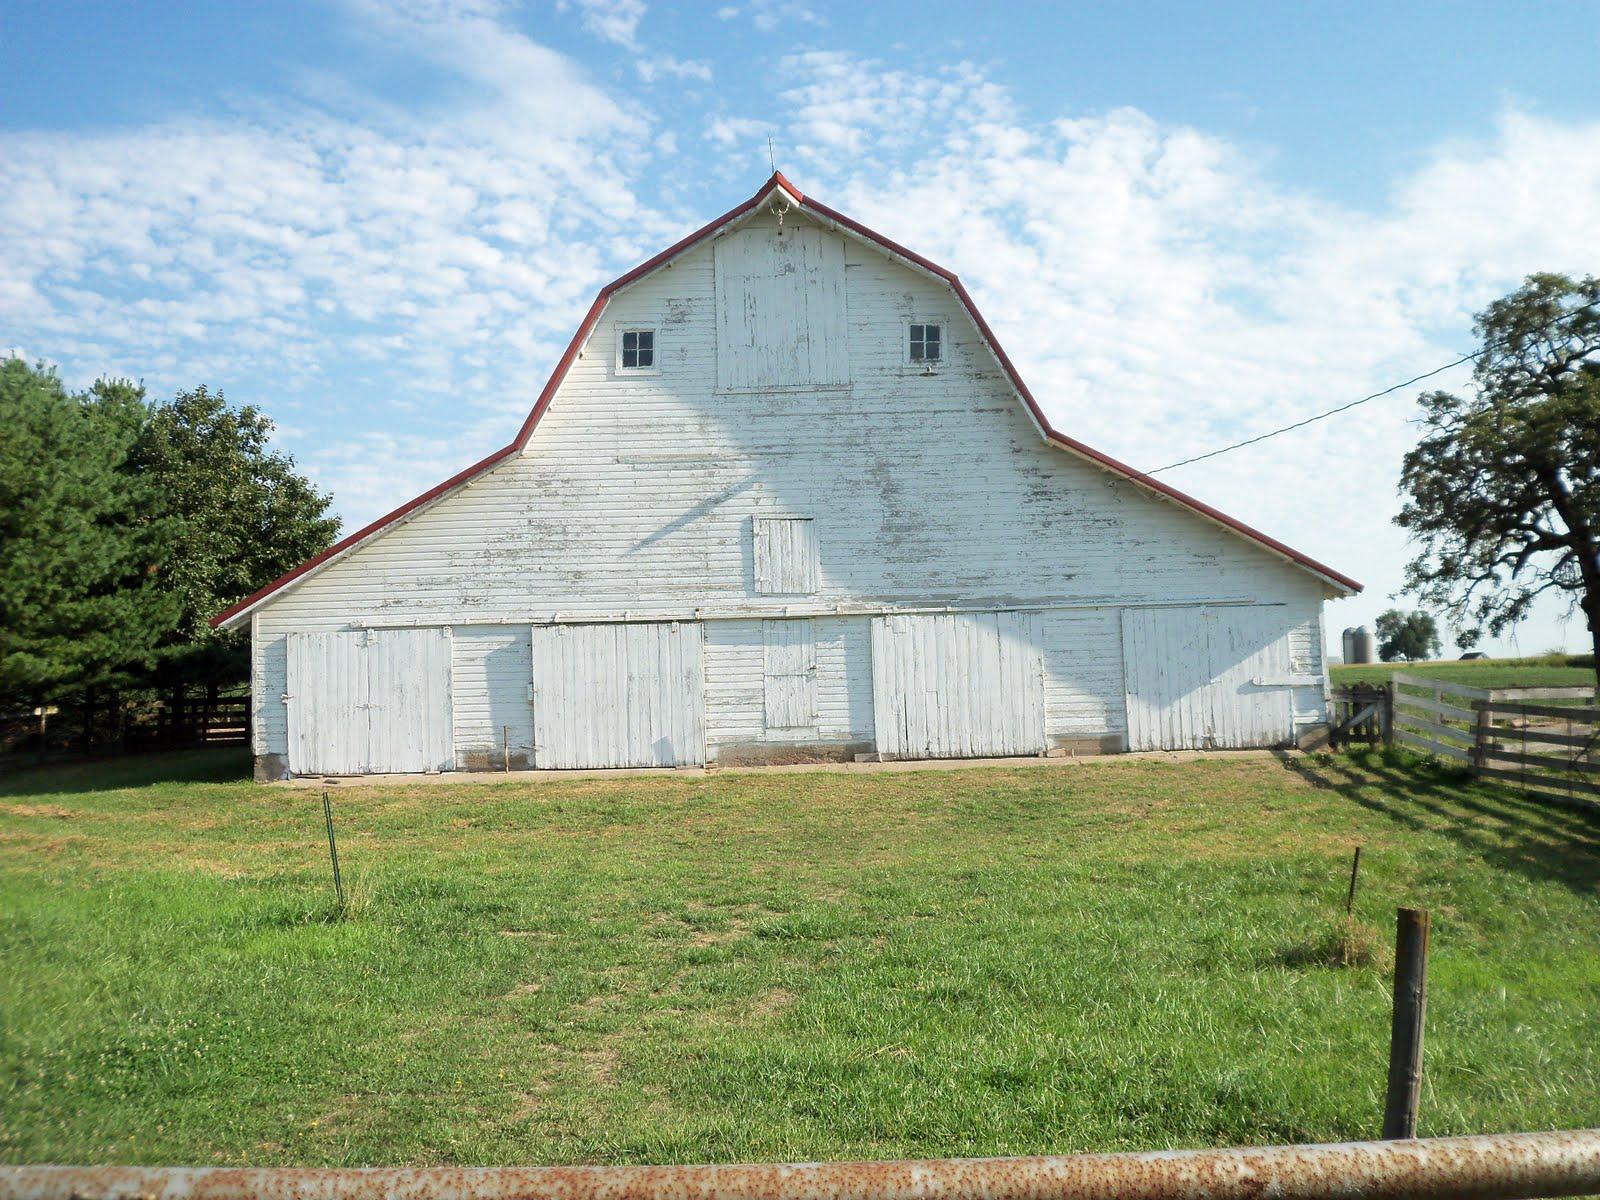 More Barns